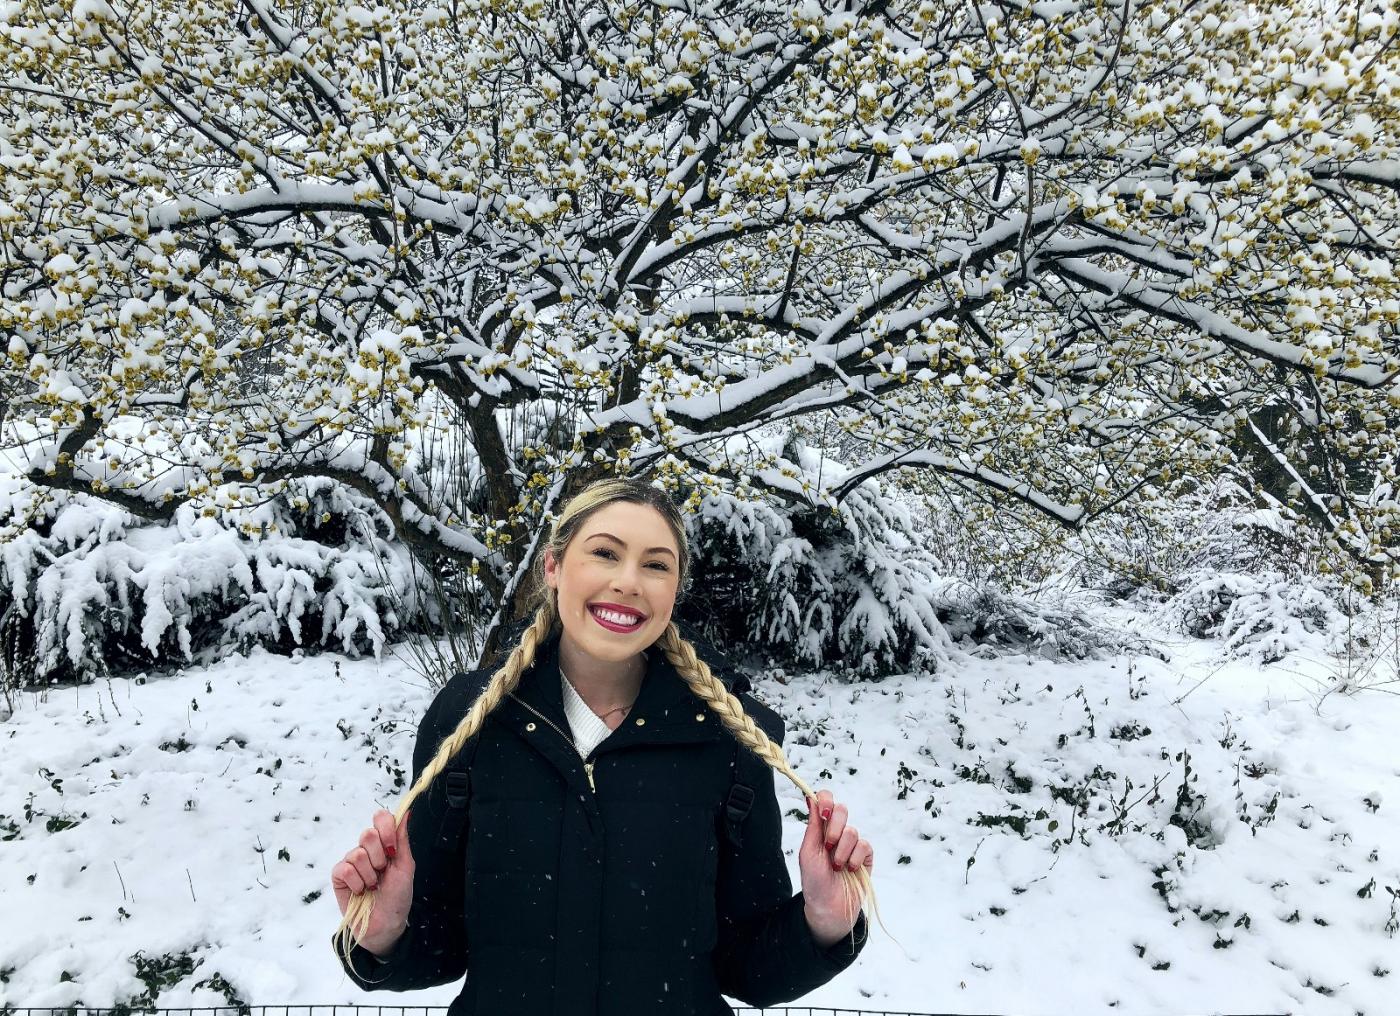 【田螺手机摄影】在纽约市拍雪景、还是中央公园最漂亮_图1-16